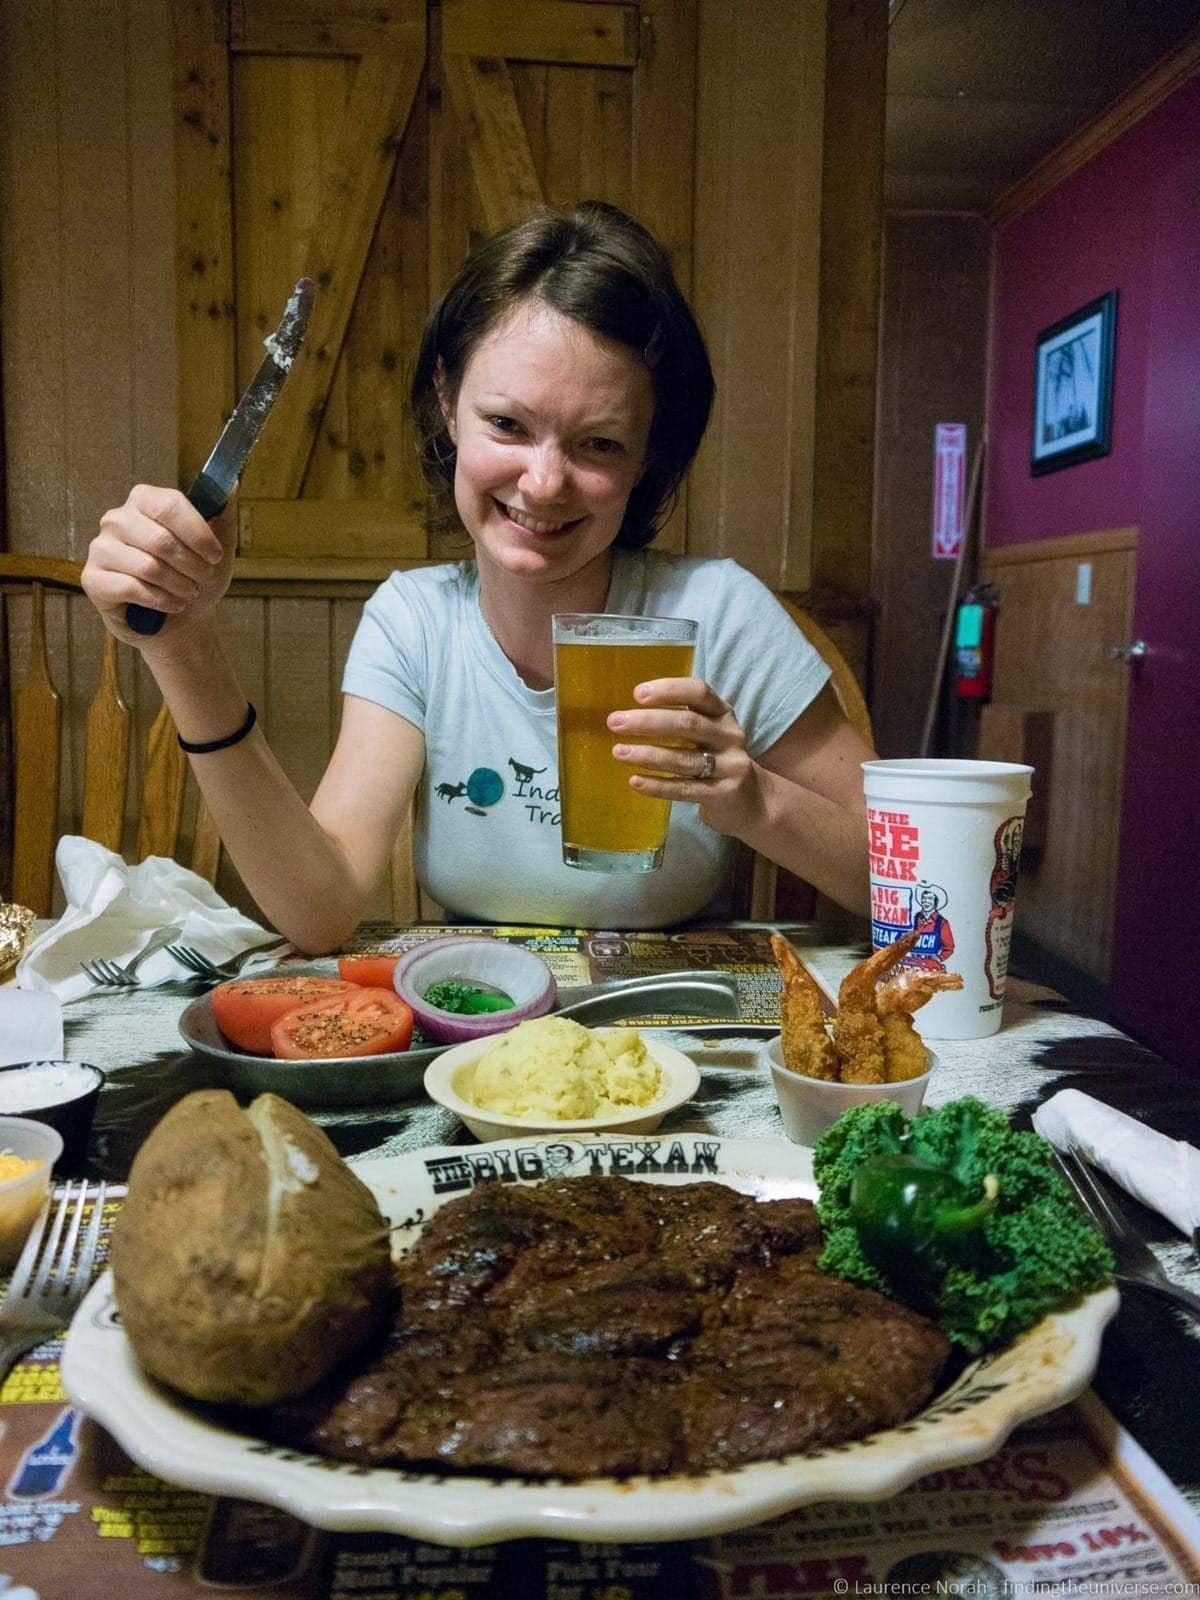 Route 66 Texas Big Texan Steakhouse